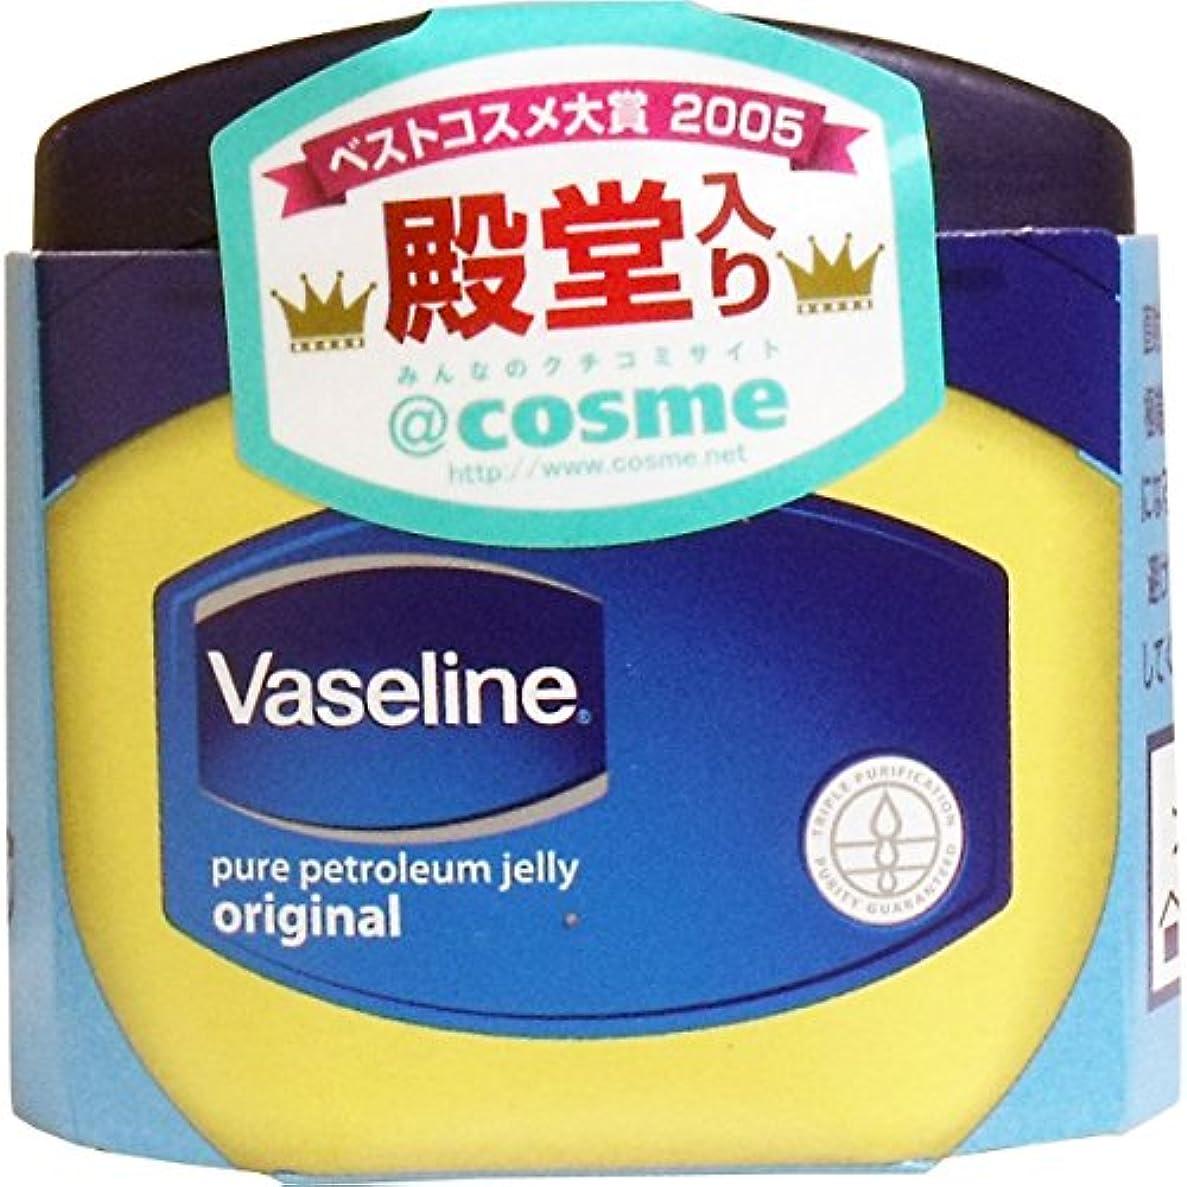 一瞬唯物論南方の【Vaseline】ヴァセリン ピュアスキンジェリー (スキンオイル) 40g ×10個セット